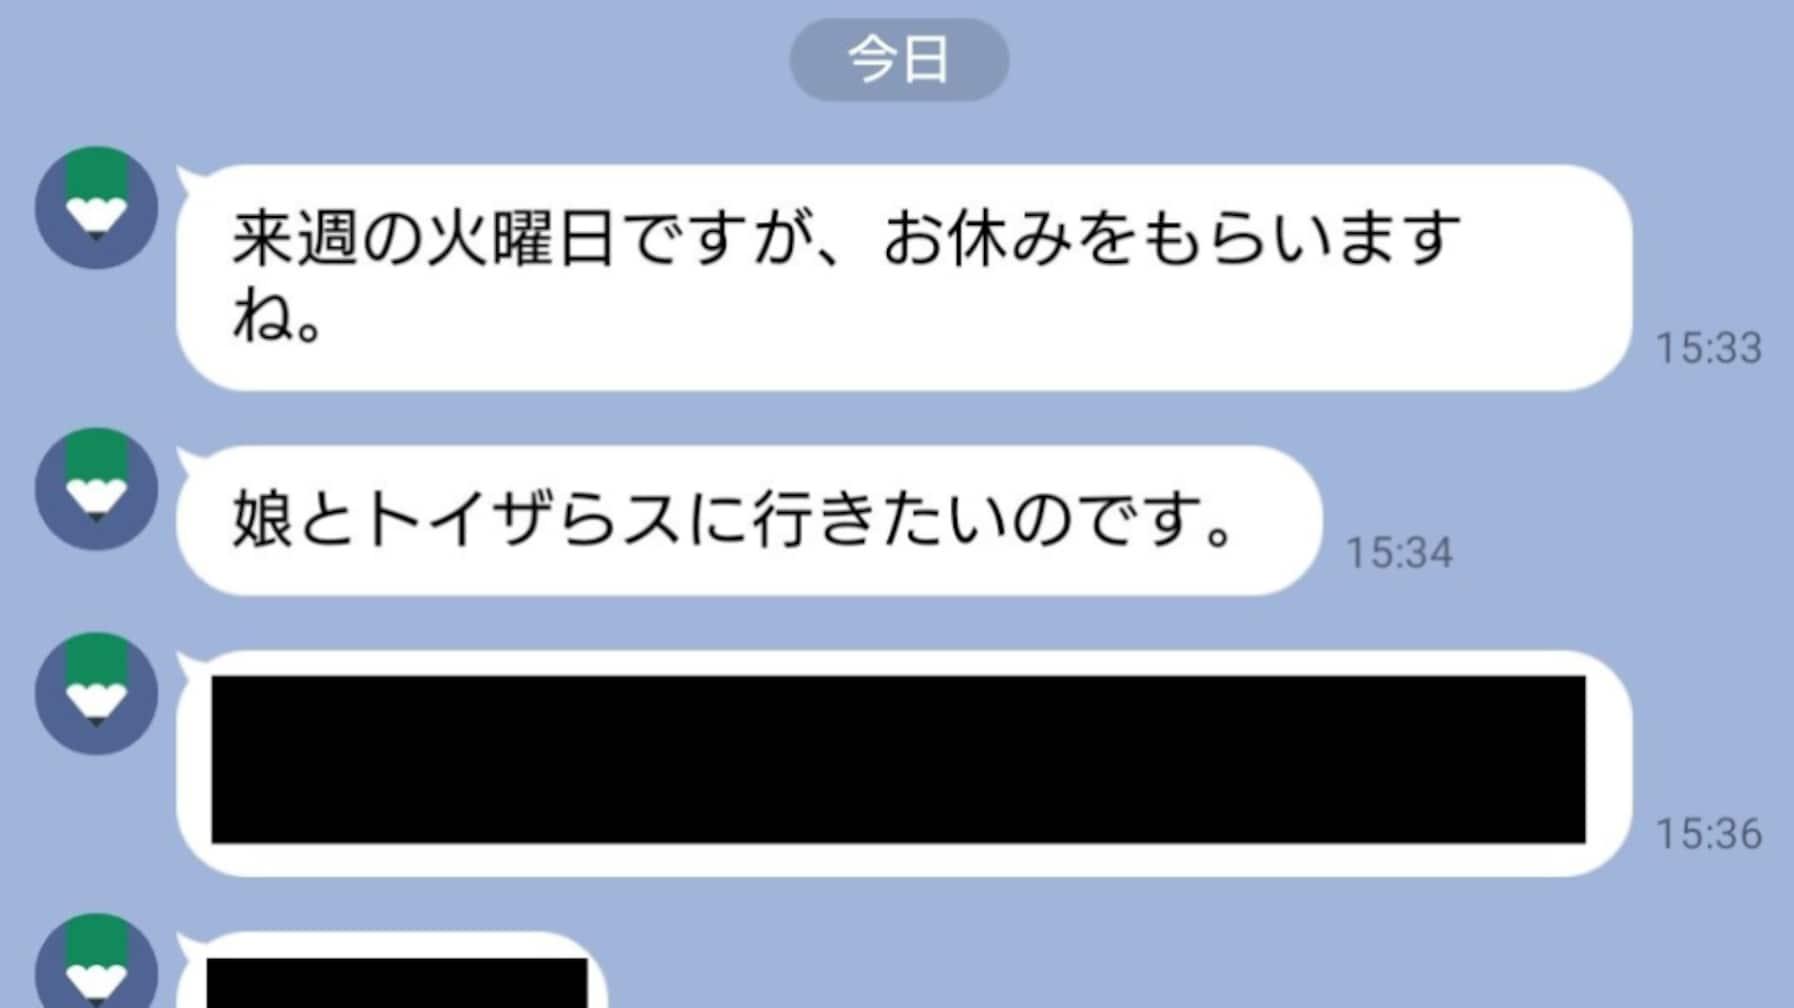 """ある部長の """"休み連絡"""" がワクワクを抑えきれず可愛いと話題!「微笑ましすぎる!」「素敵です」"""